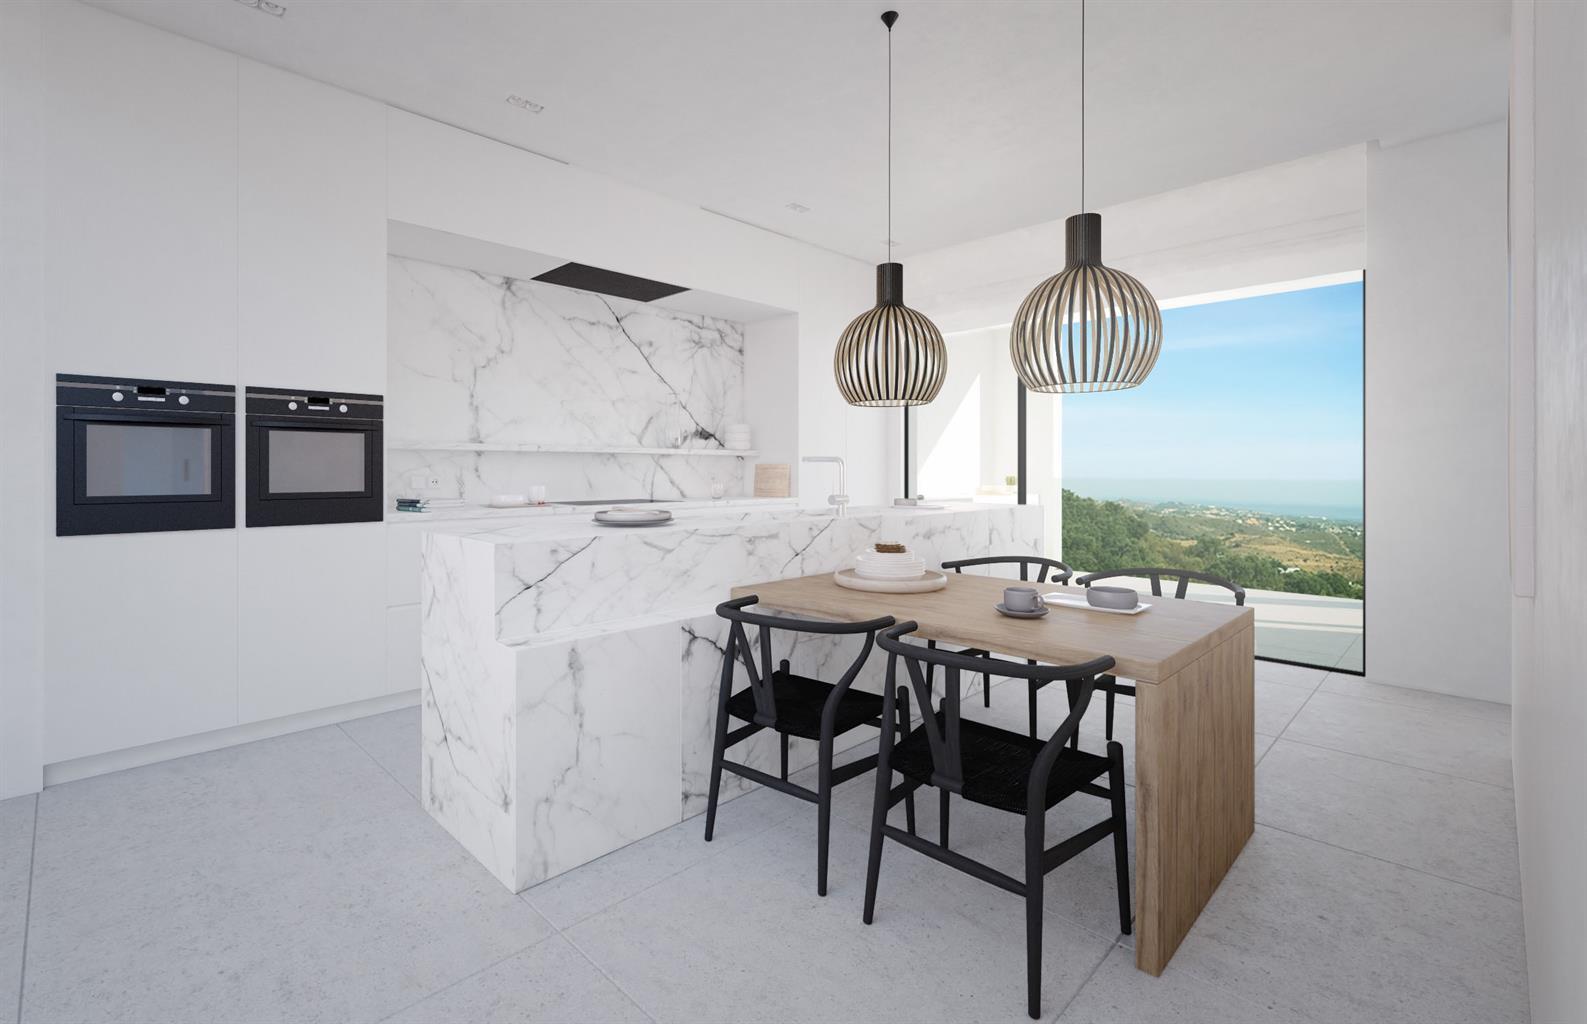 Hedendaags design villa op 2 niveaus gelegen in de natuurlijke omgeving van Altos de los Monteros, Marbella. Een bevoorrecht uitzichtpunt met een adembenemend panoramisch uitzicht over de kustlijn en de Middellandse Zee, Gibraltar en Noord-Afrika!